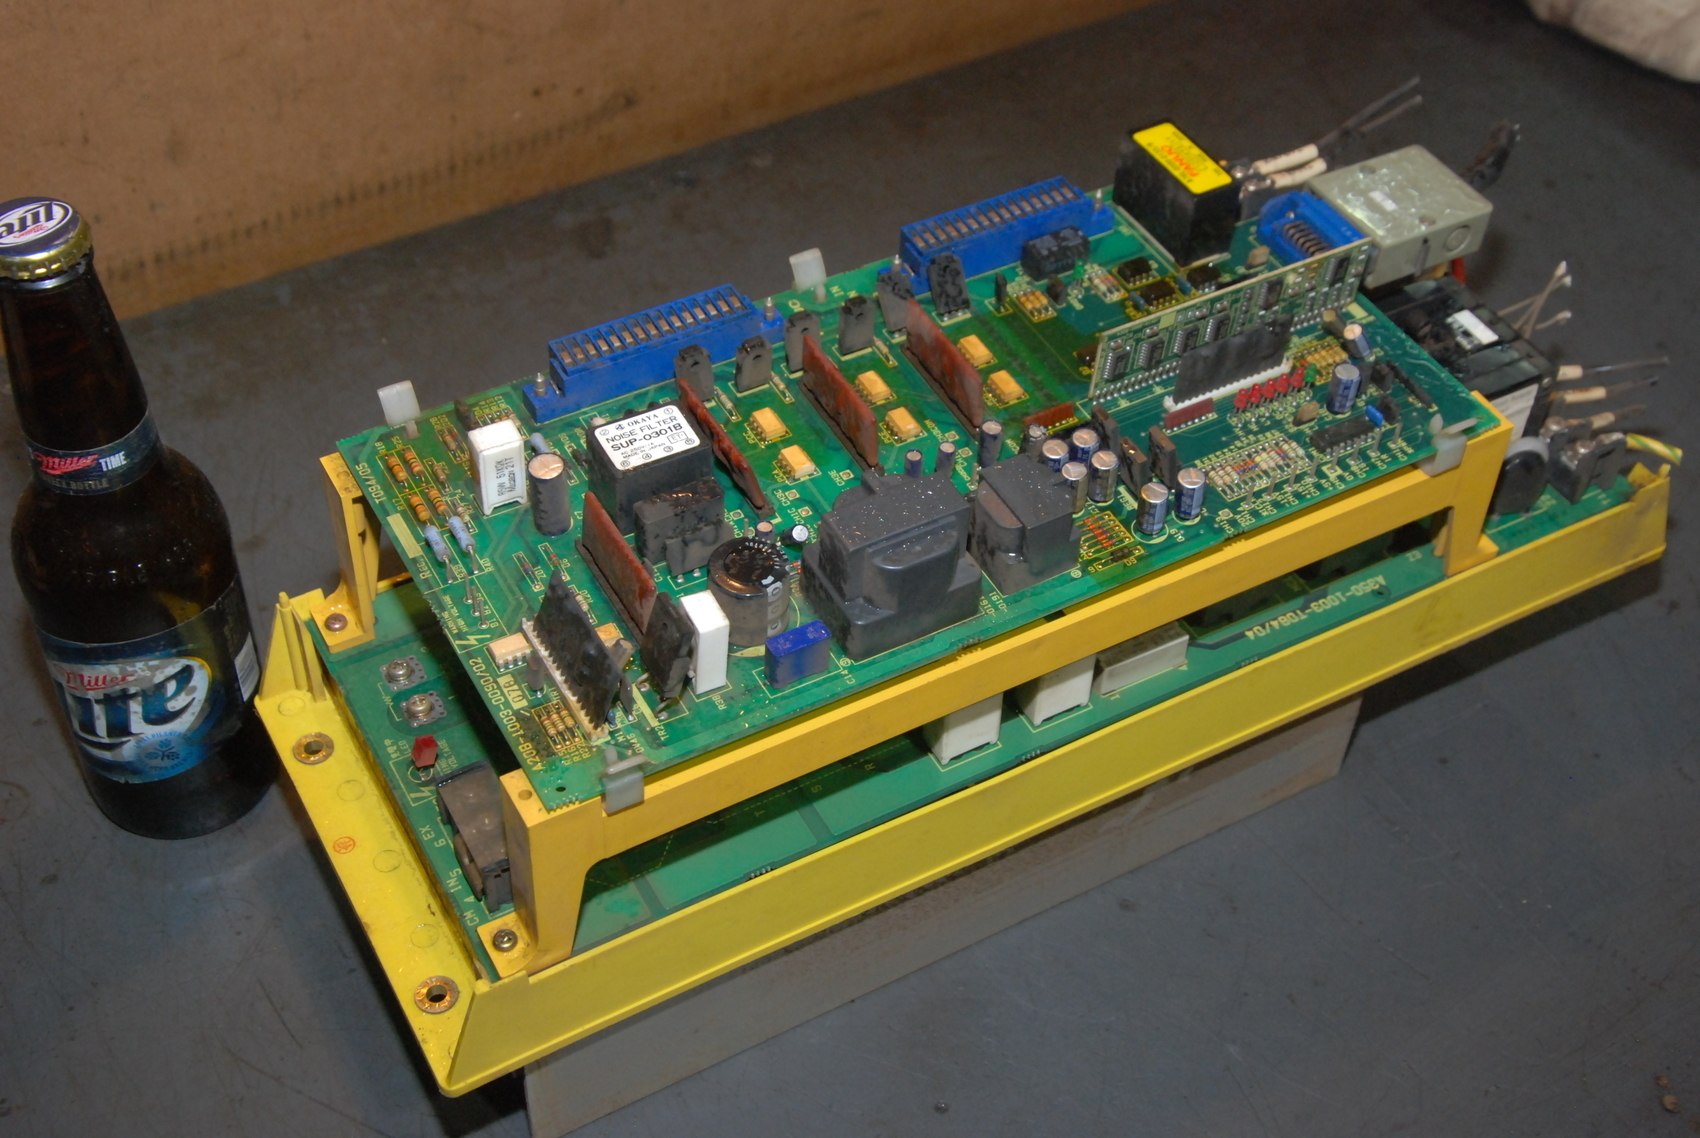 Fanuc Servo Drive A20B-1003-0090/02 amada lasmac 667 laser